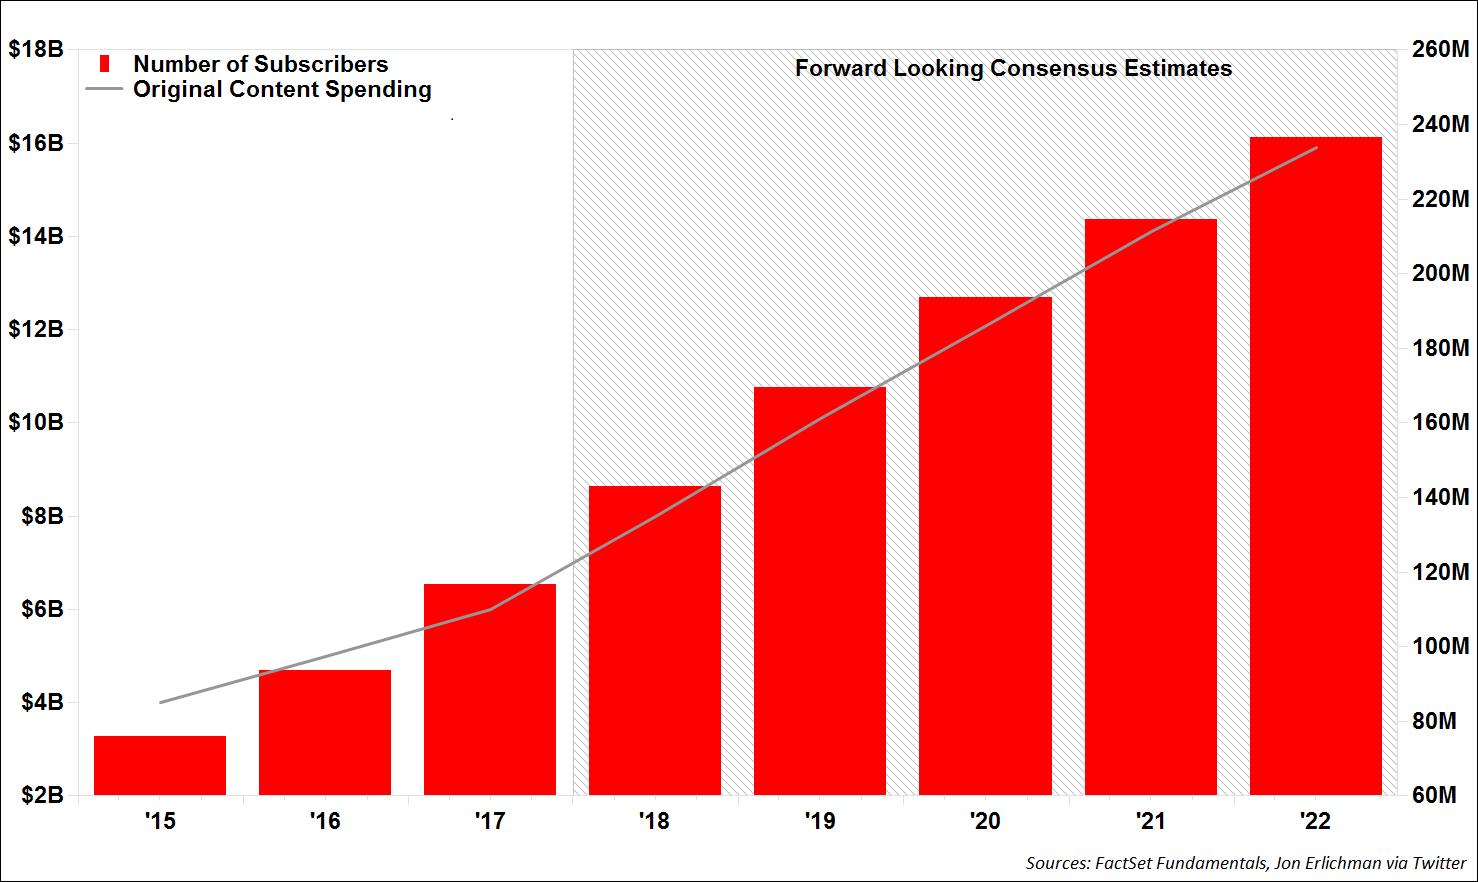 Netflix subscribers vs original content spending